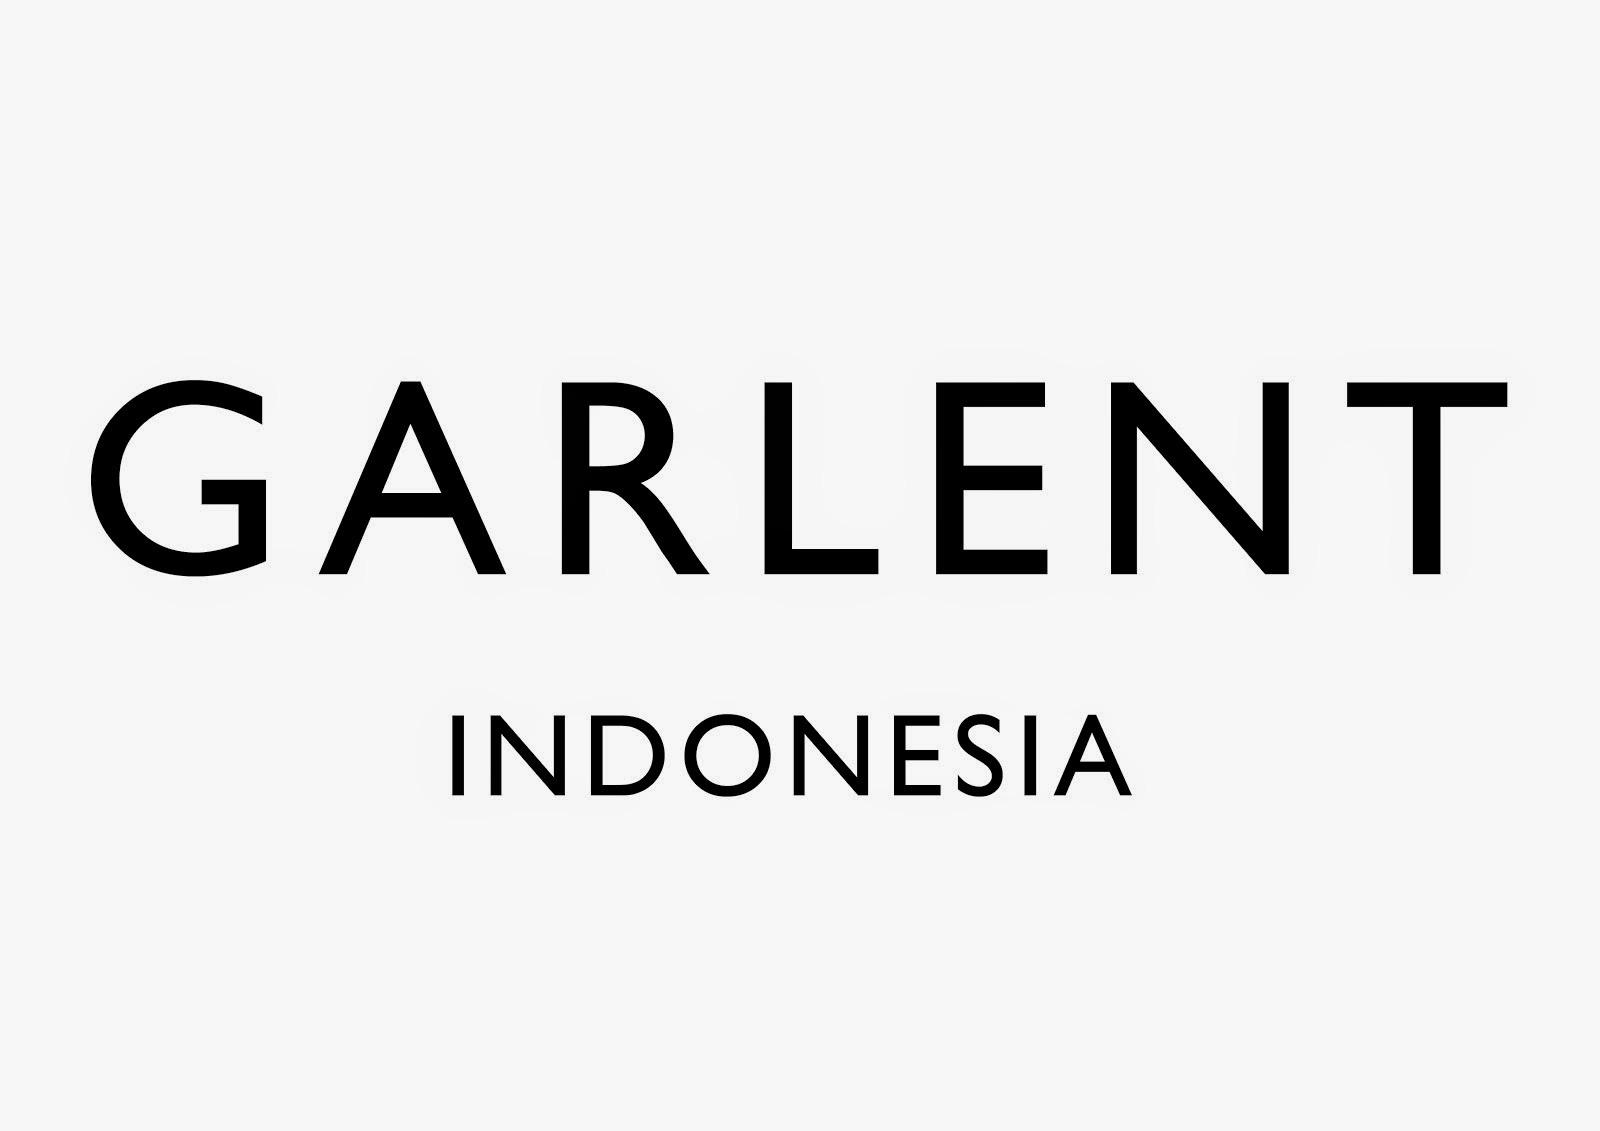 GARLENT